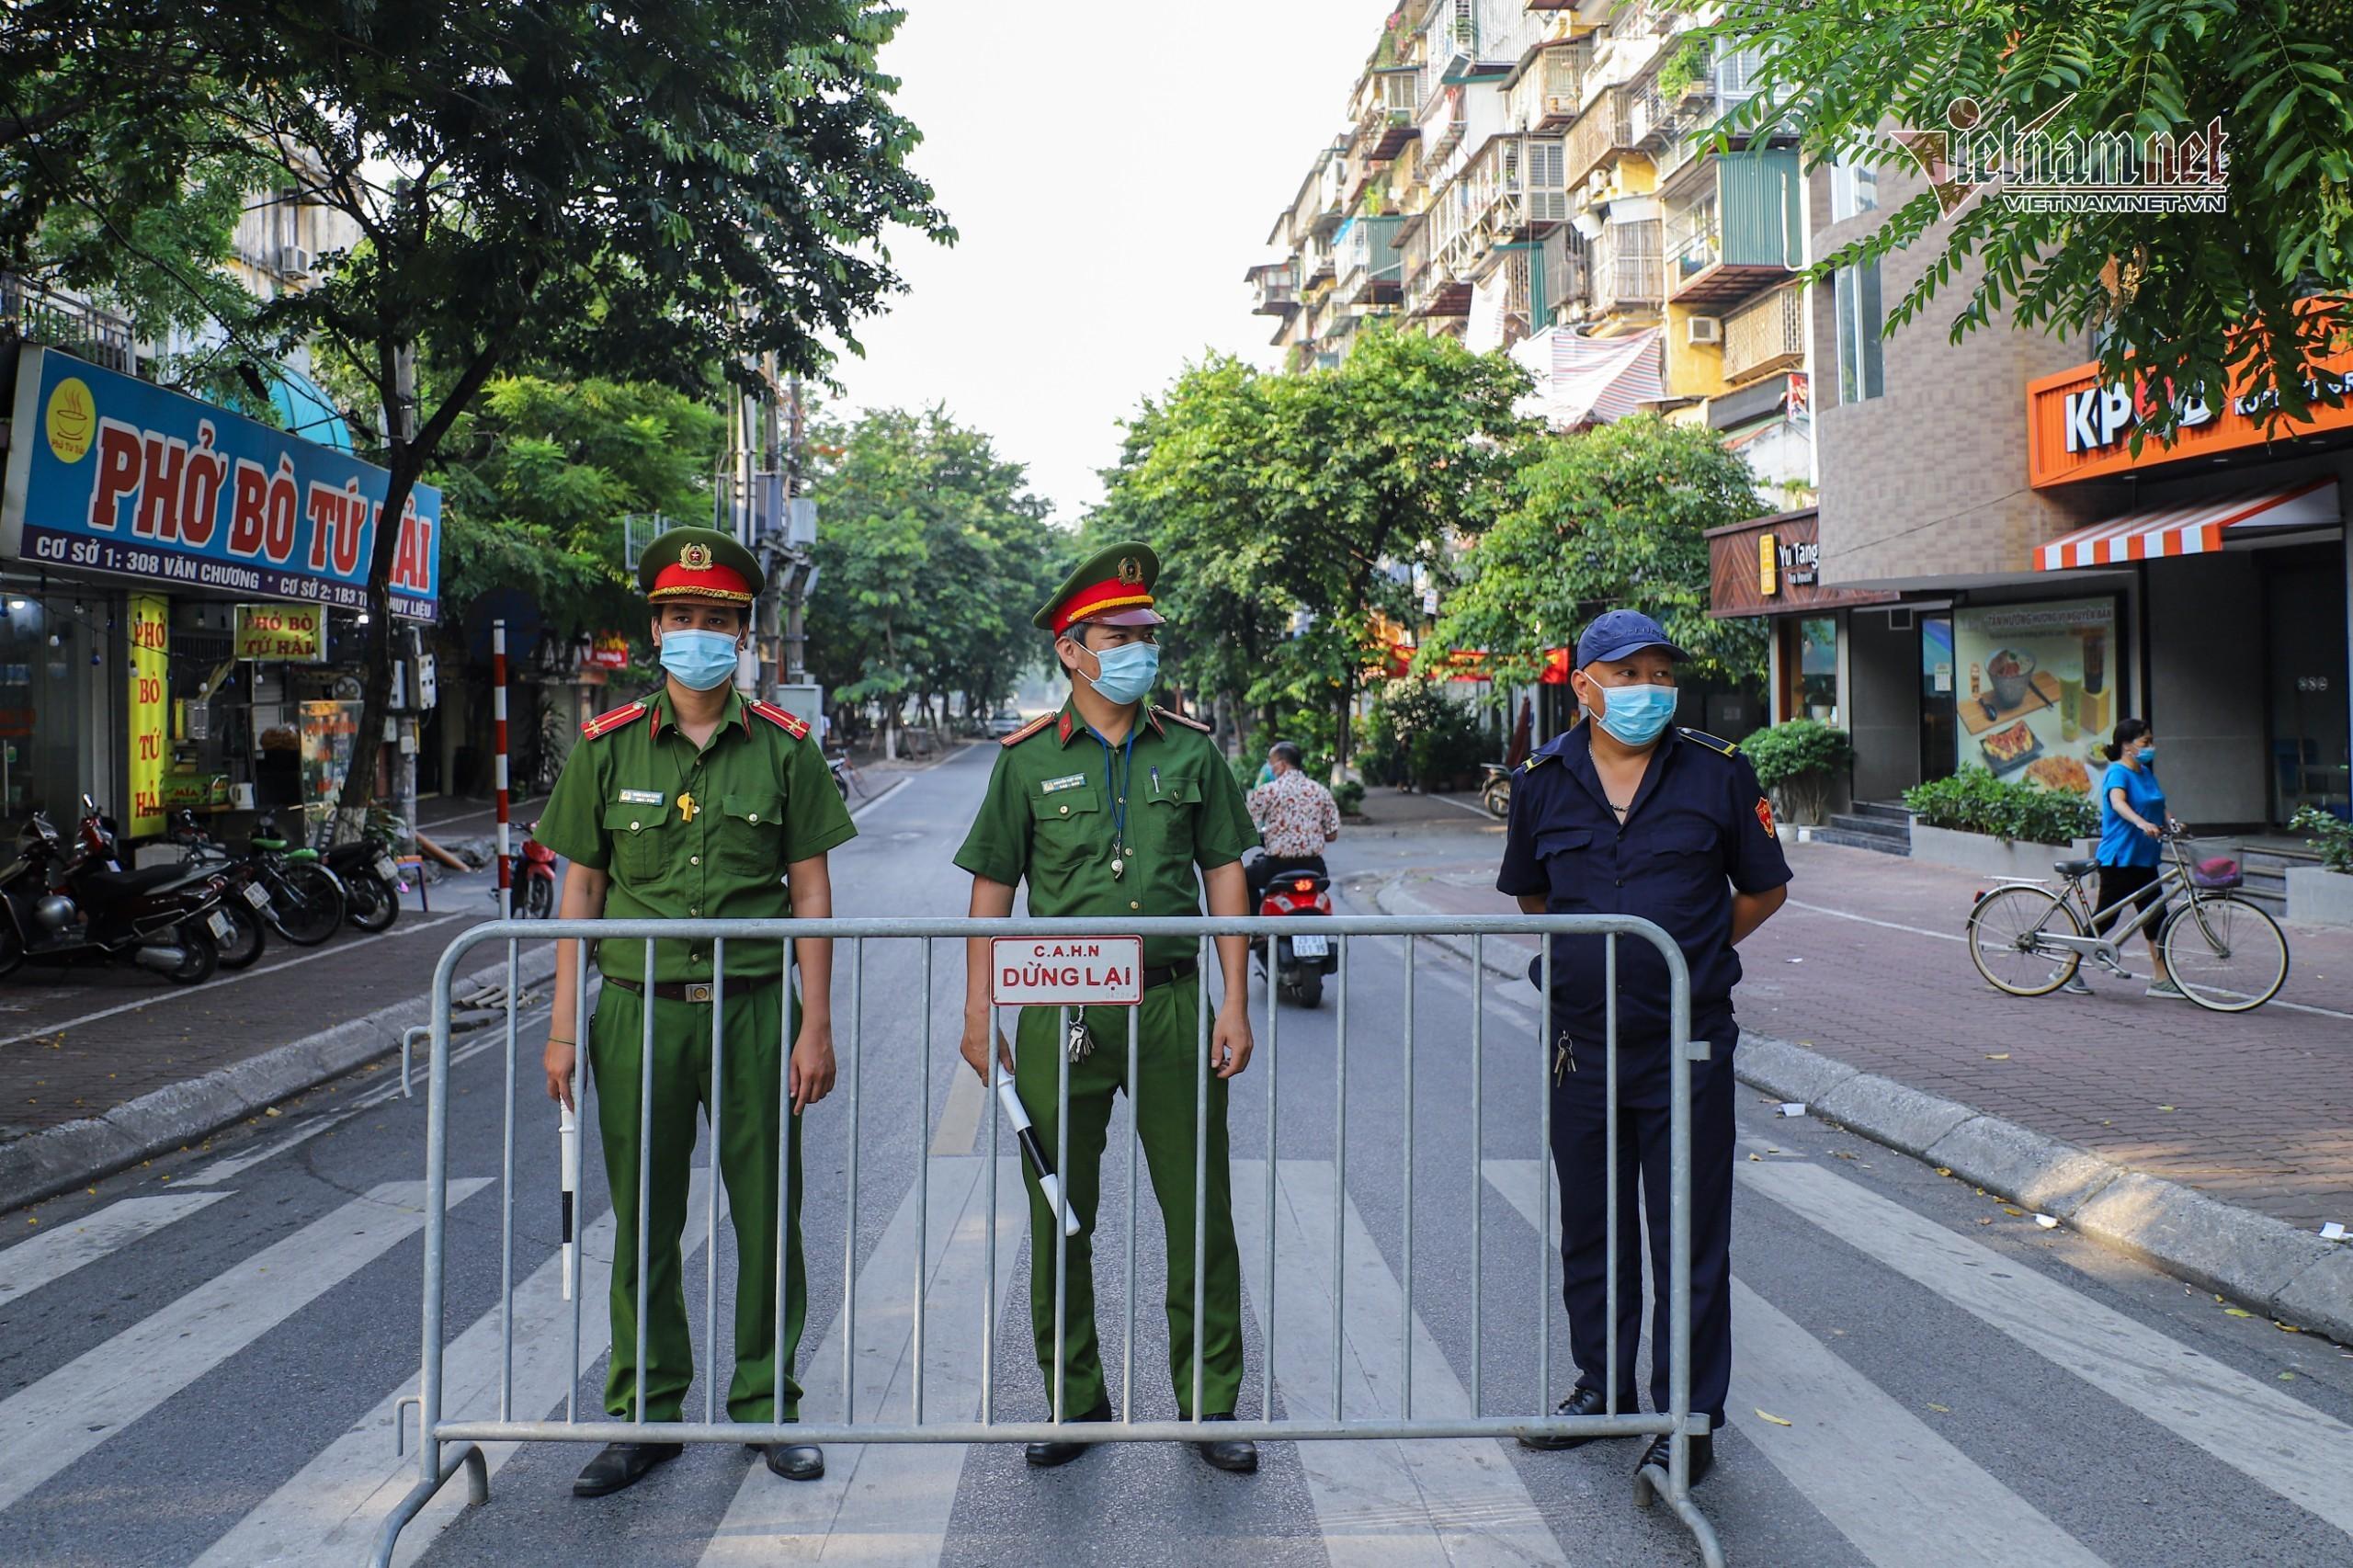 3 vòng bảo vệ sĩ tử dự kỳ thi tốt nghiệp THPT